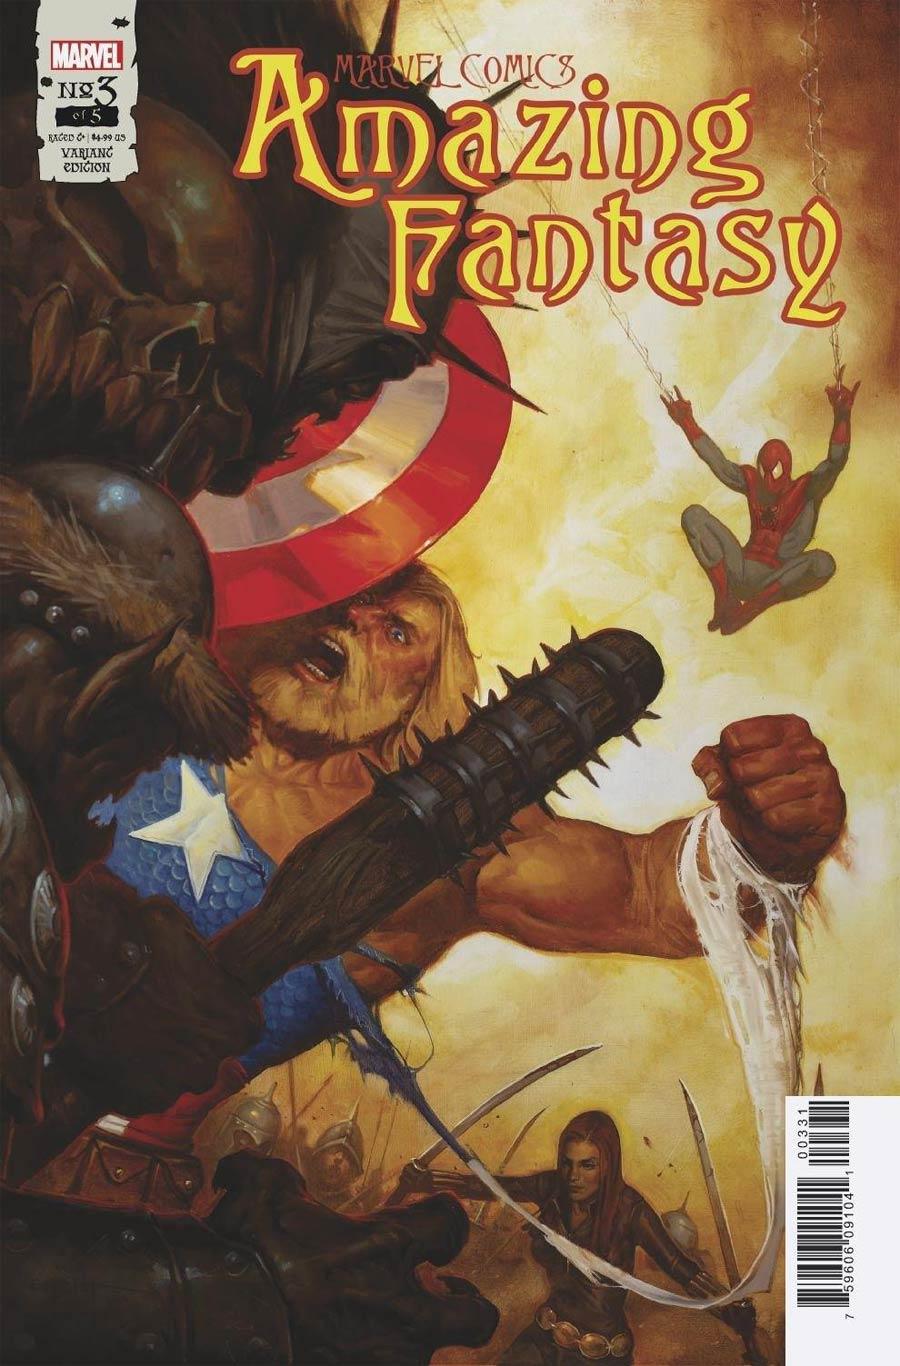 Amazing Fantasy Vol 3 #3 Cover C Incentive EM Gist Variant Cover